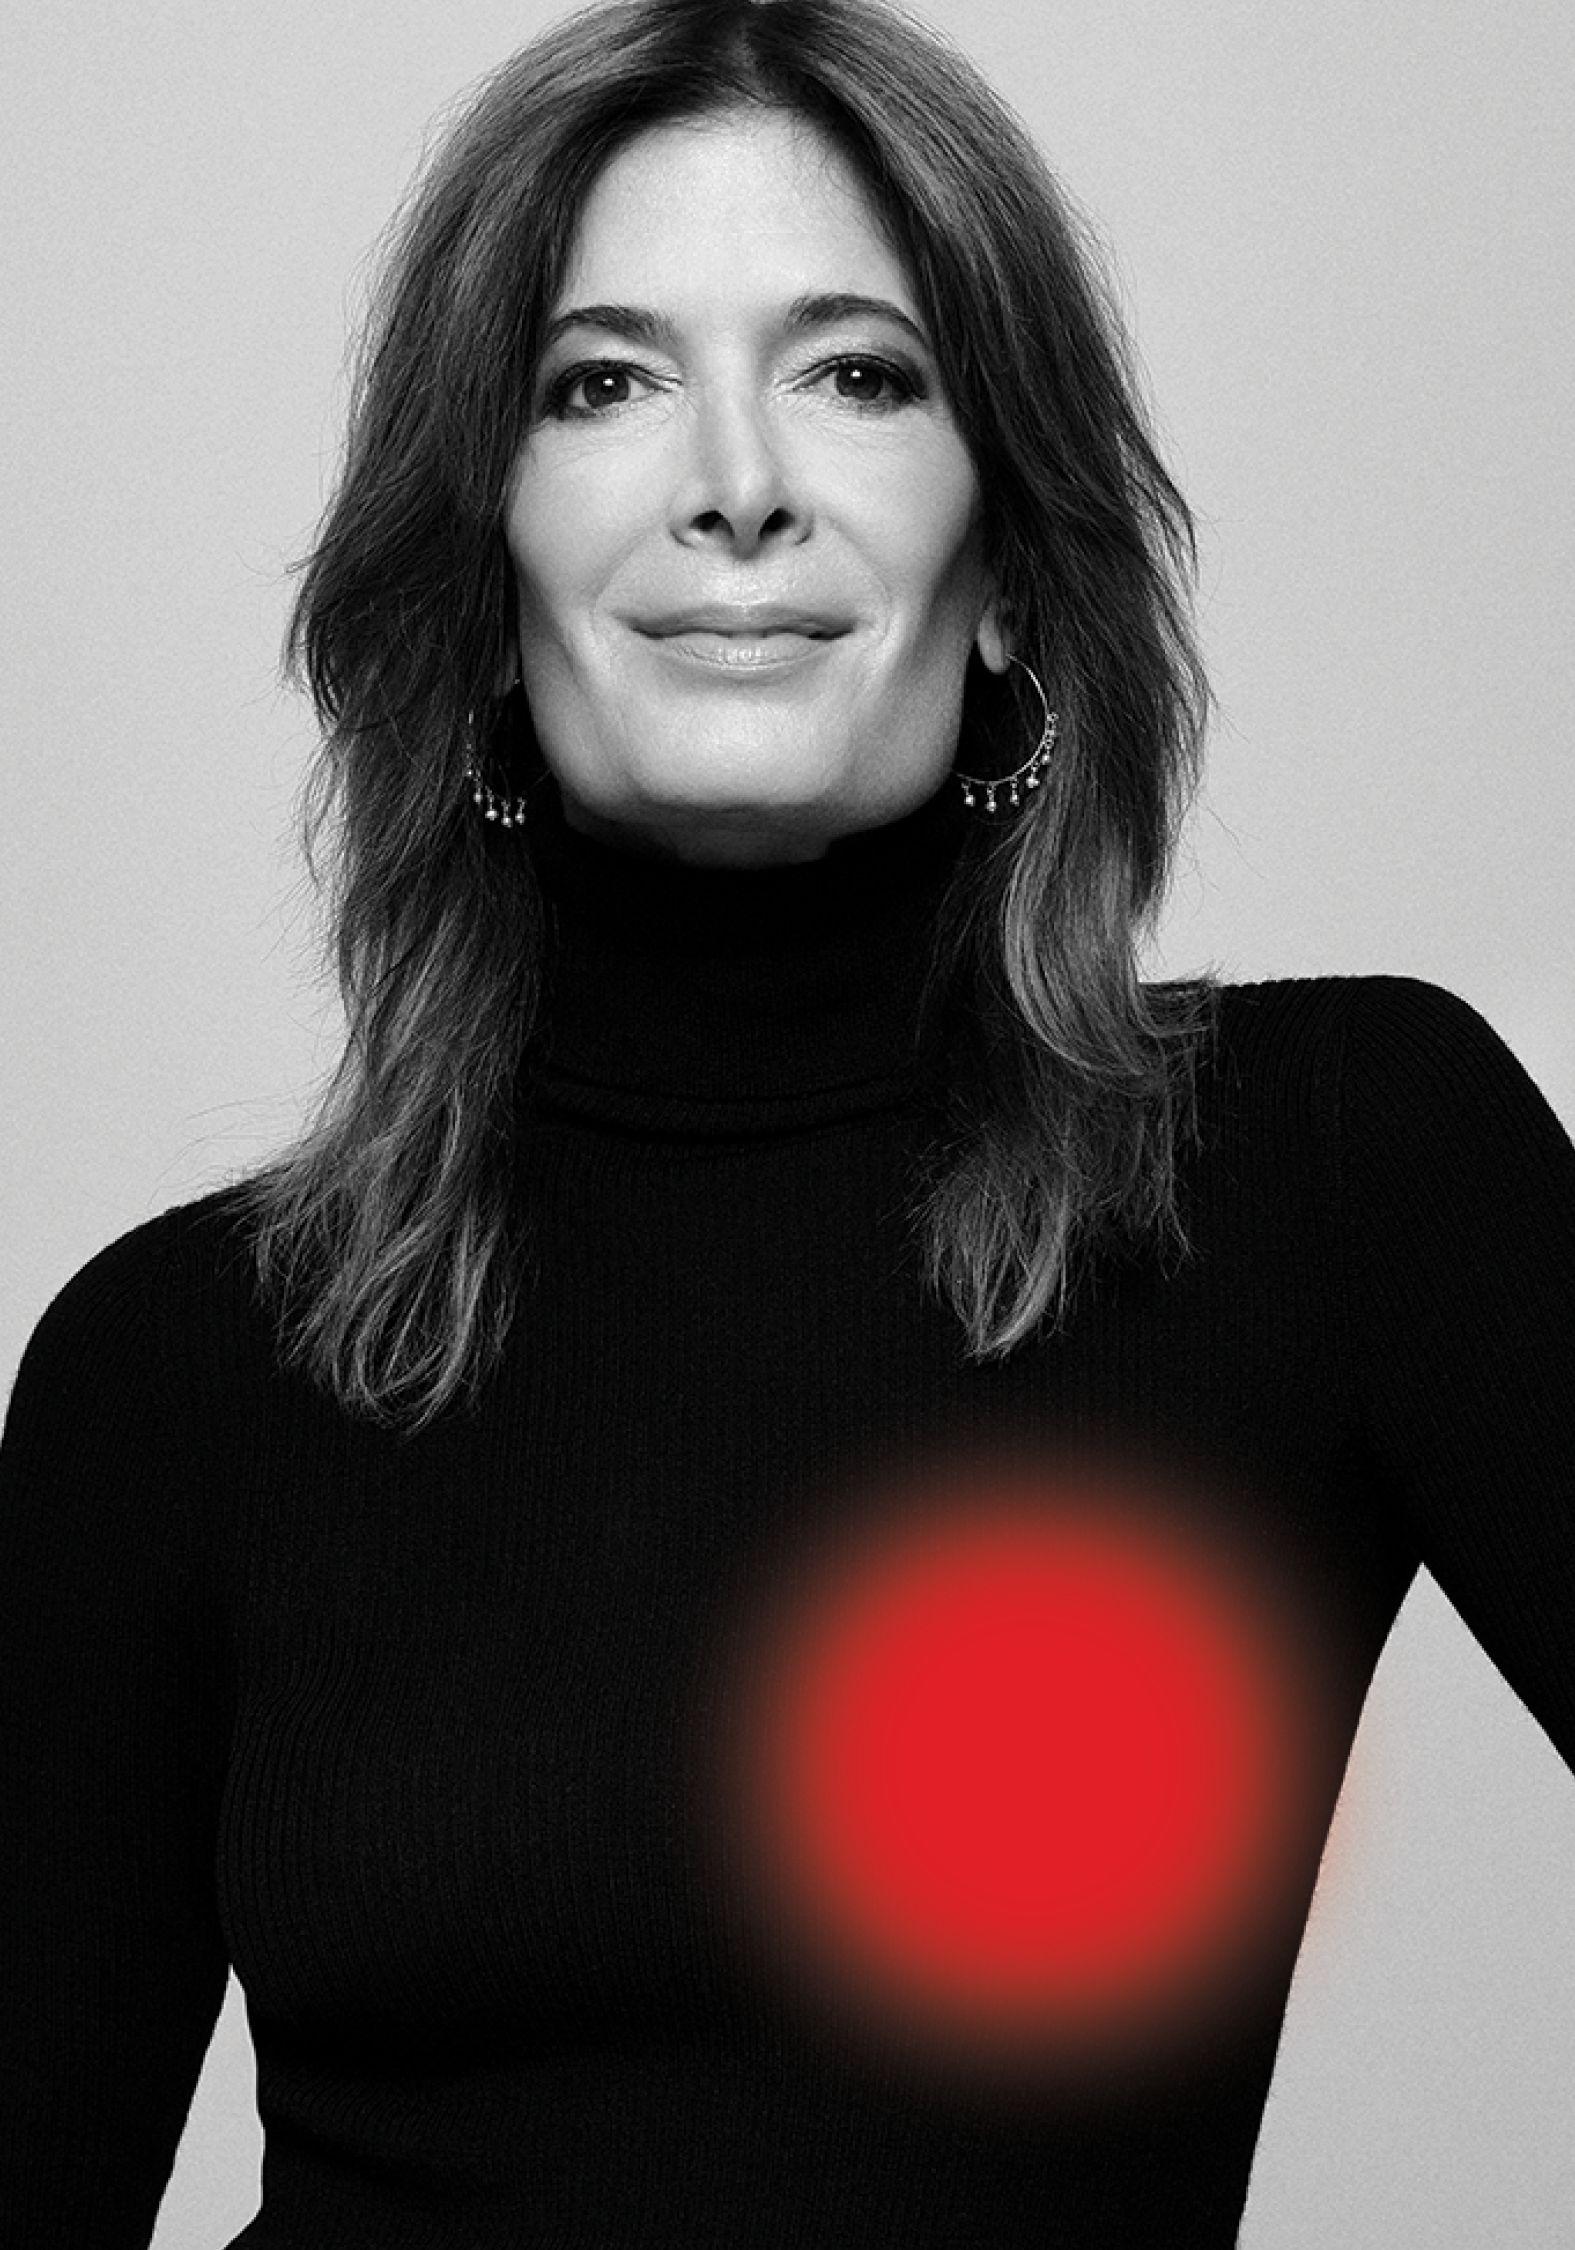 Portrait en noir et blanc de l'actrice souriante Anne-Marie Cadieux portant un col roulé noir.